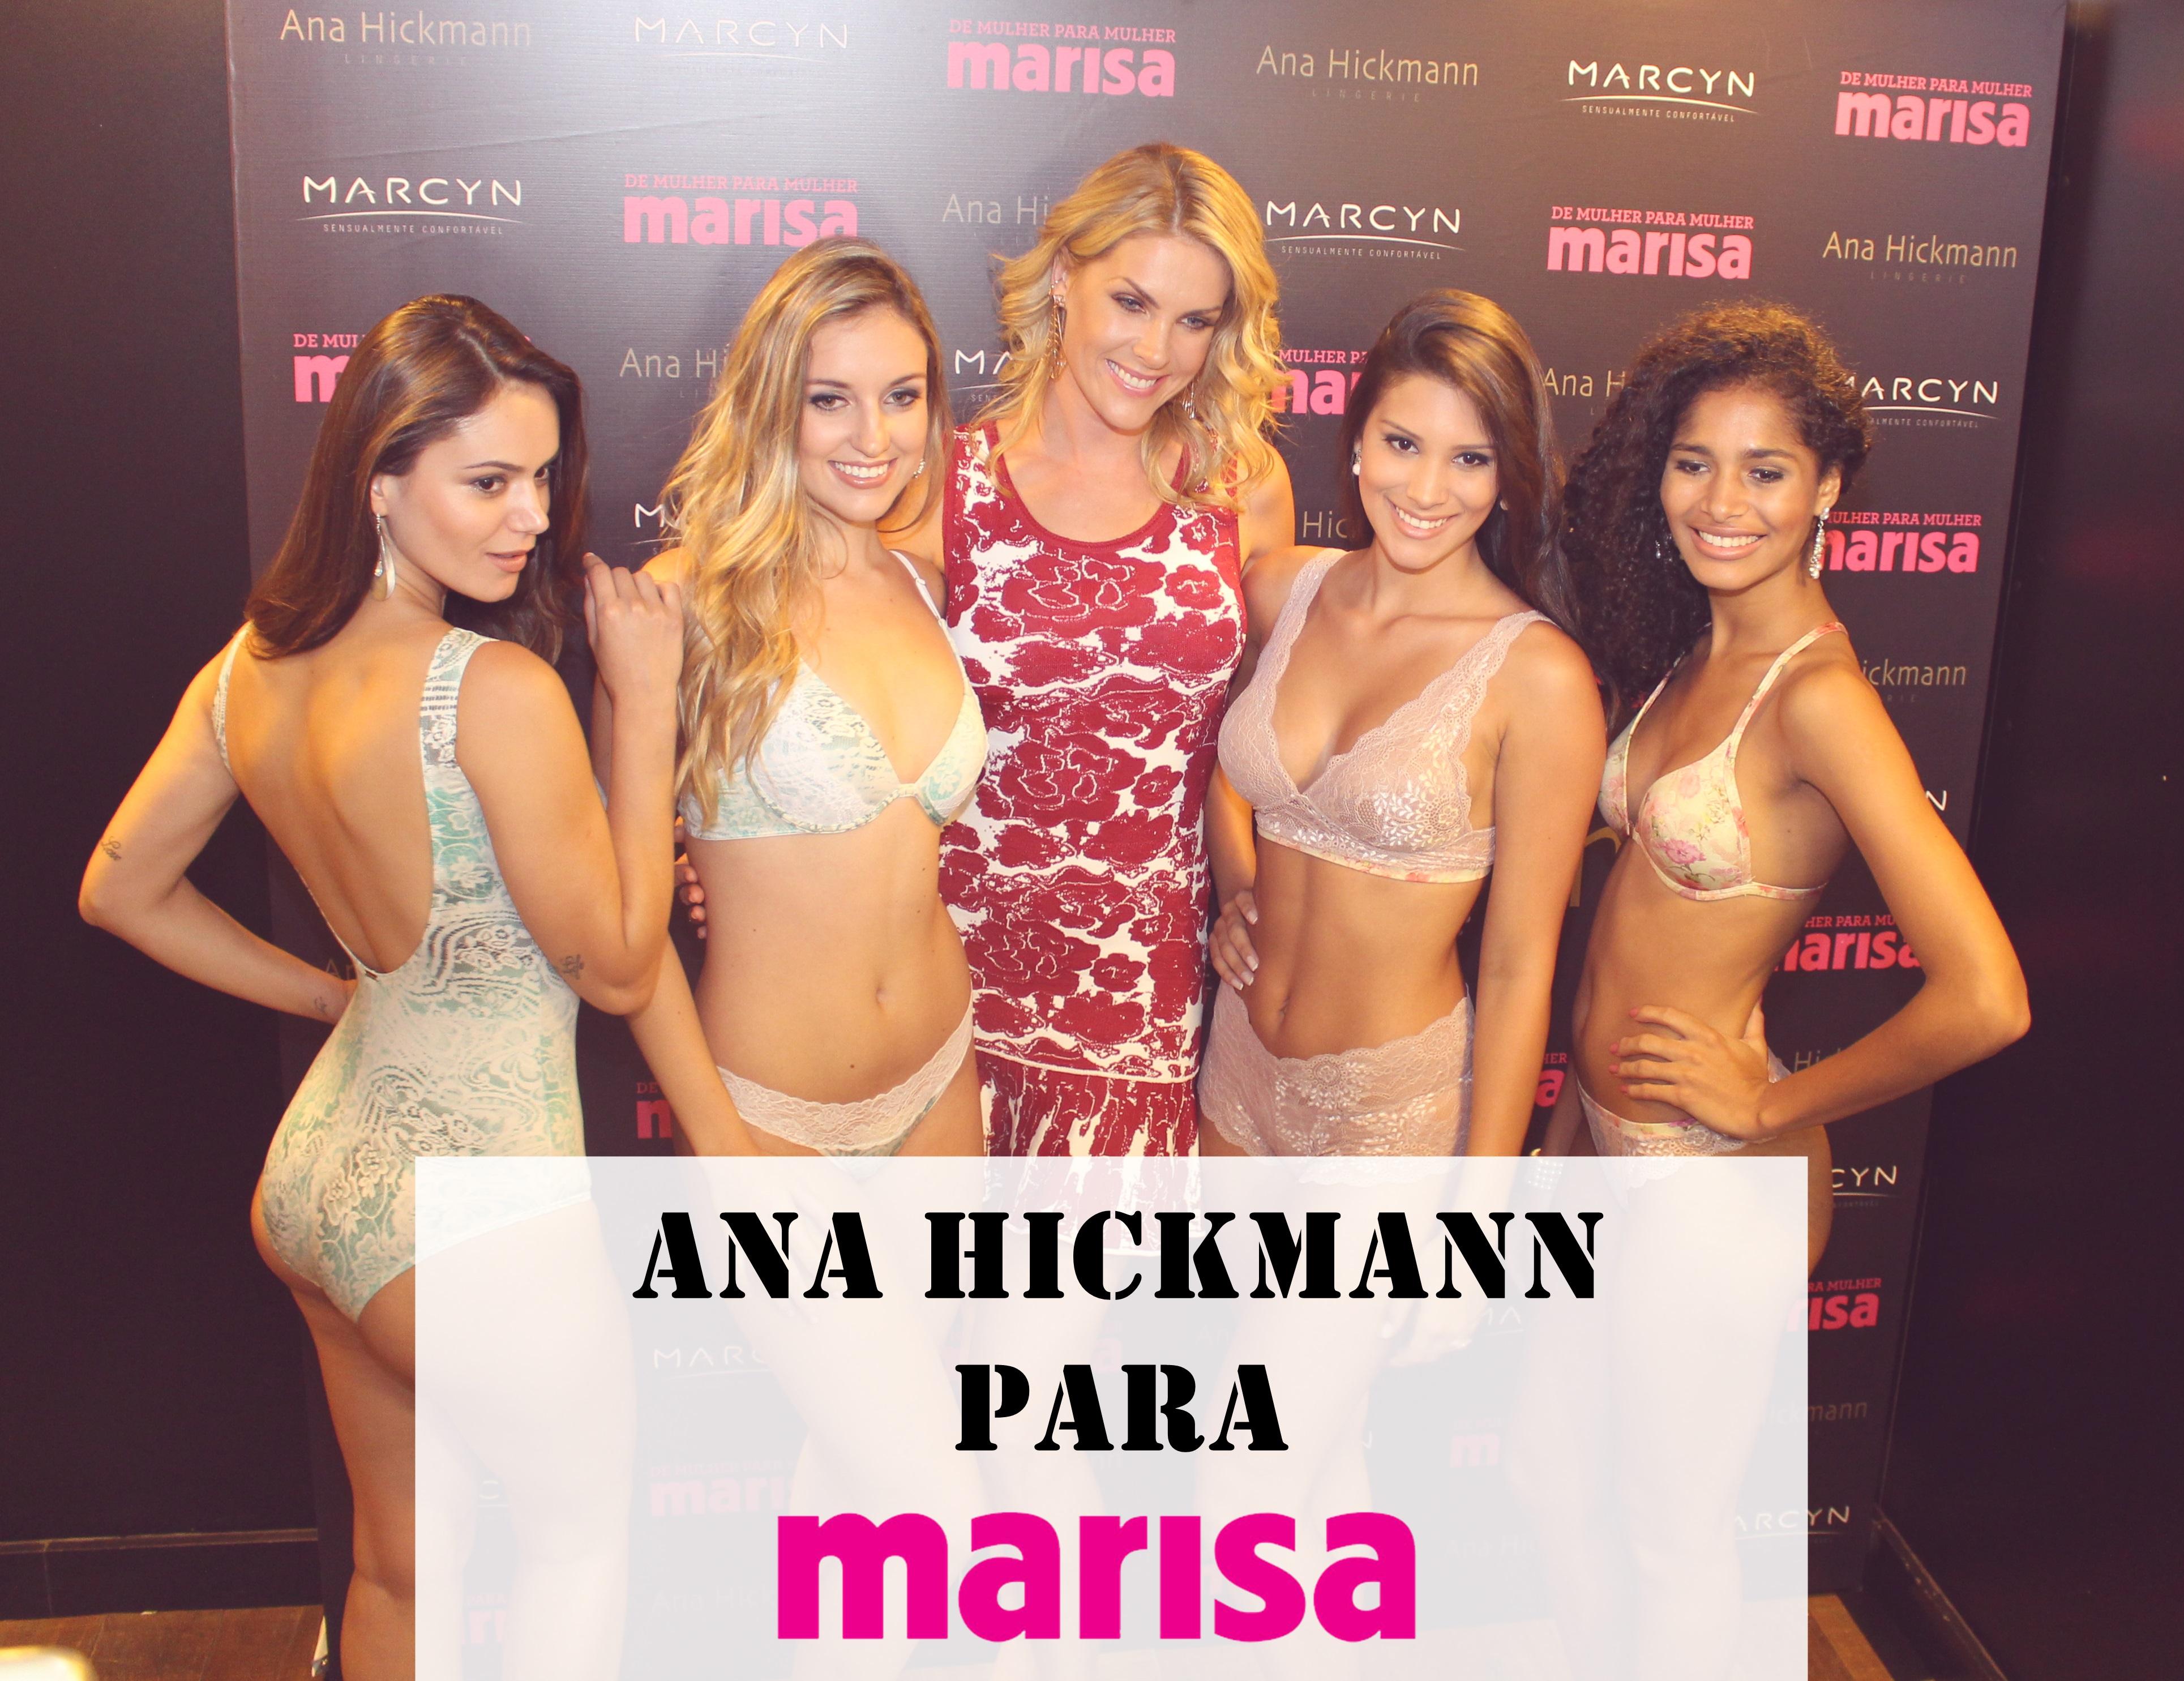 ana-hickmann-para-marisa-lingeire-blog-vanduarte-capa